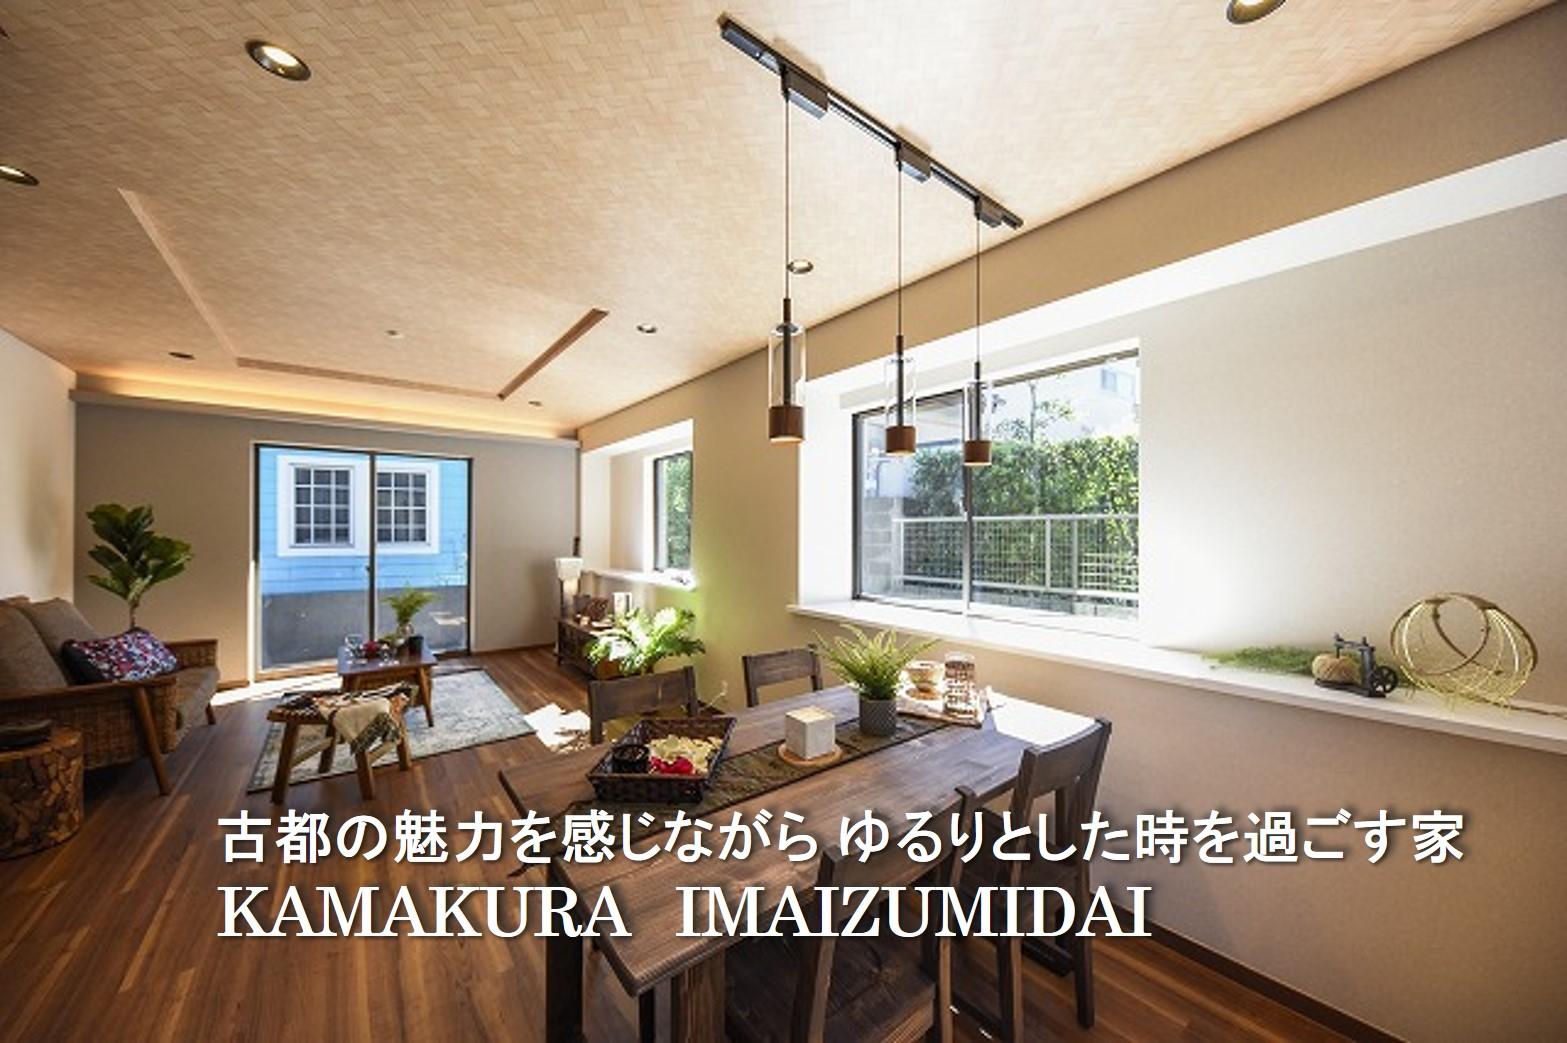 古都の魅力を感じながら ゆるりとした時を過ごす家|KAMAKURA IMAIZUMIDAI